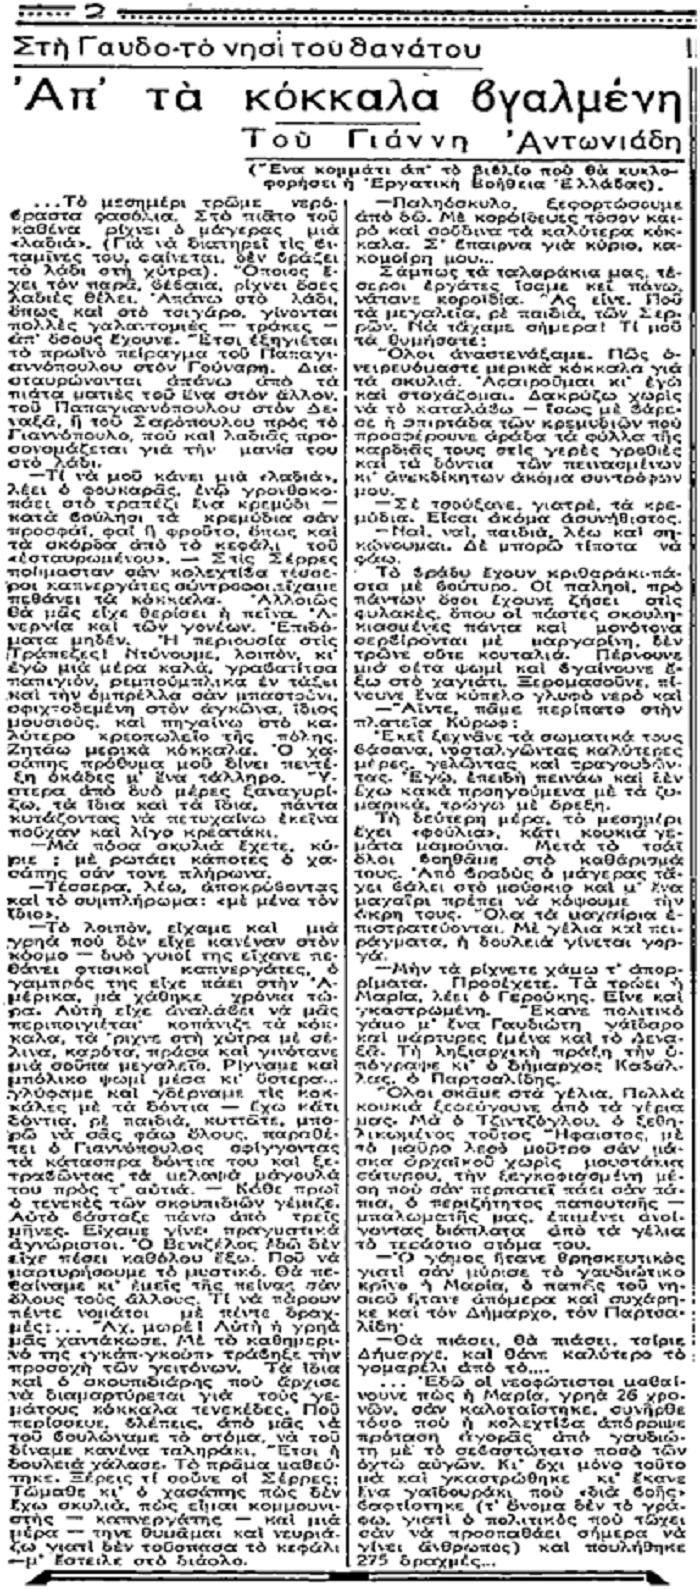 """Γιάννης Αντωνιάδης, Στη Γαύδο το νησί του θανάτου. Απ' τα κόκκαλα βγαλμένη, εφημερίδα """"Ριζοσπάστης"""", Πέμπτη 26 Μαρτίου 1936, σελ. 2."""